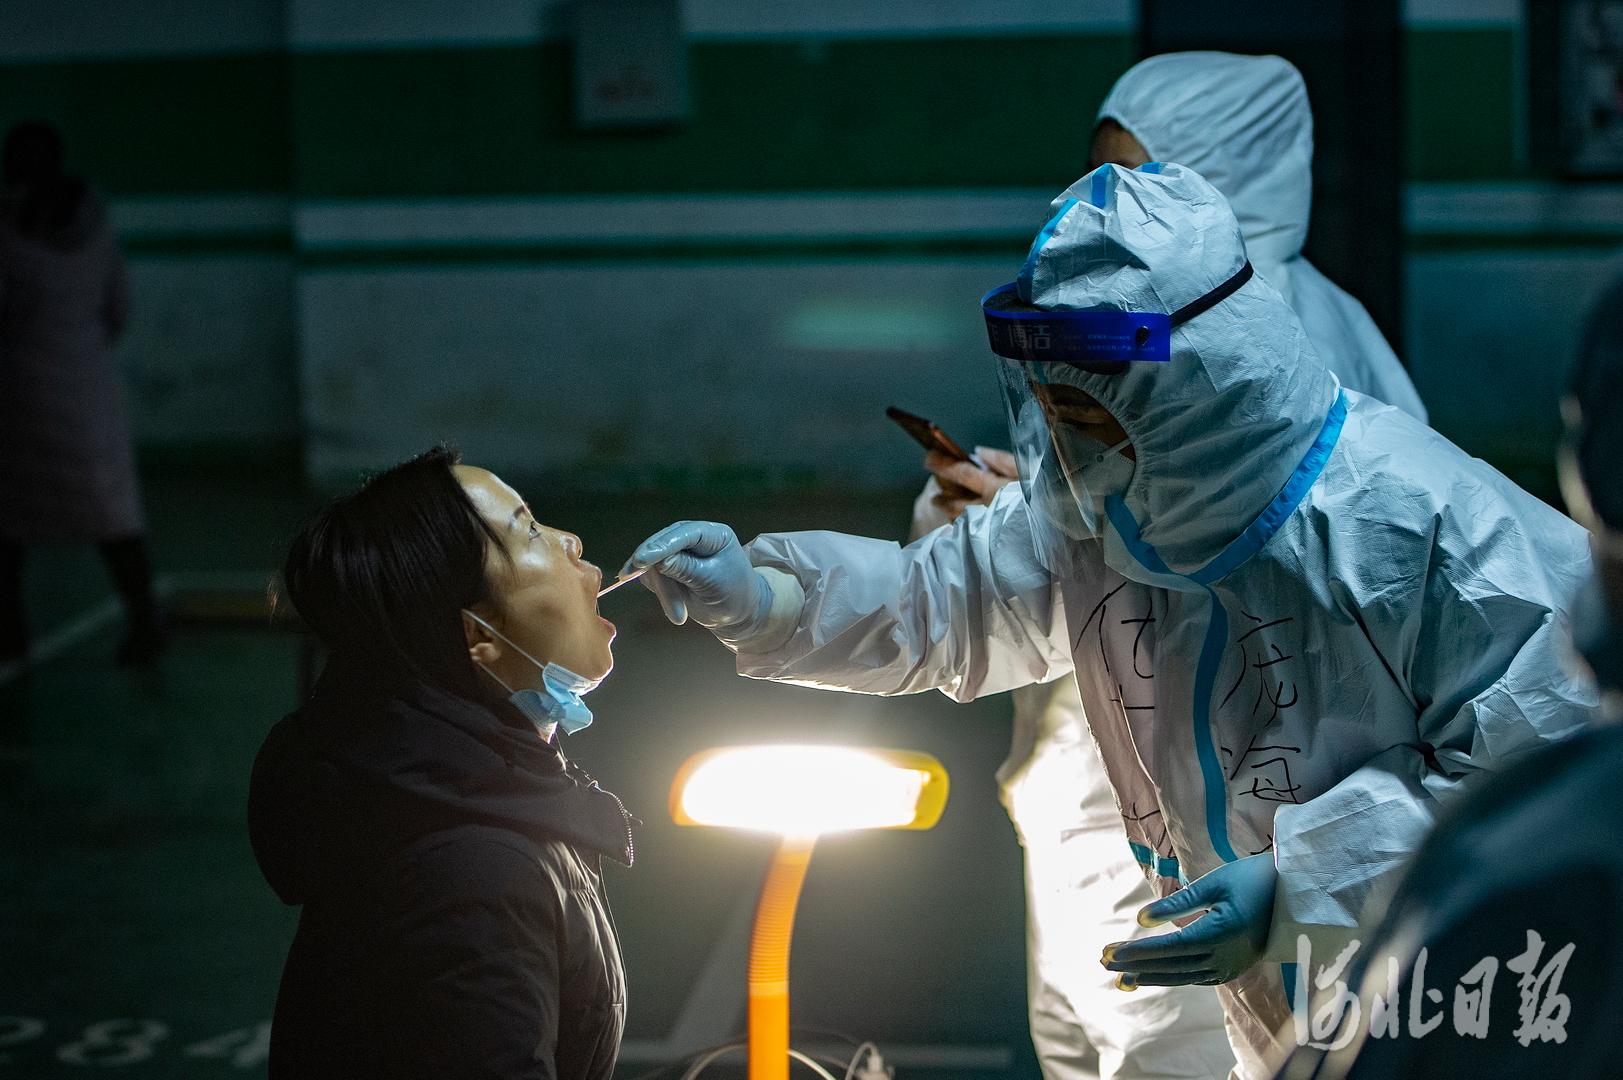 2021年1月12日,河北省石家庄市西古城社区居民在接受核酸检测采样。当日石家庄市第二轮全员核酸检测全面启动。河北日报记者田明摄